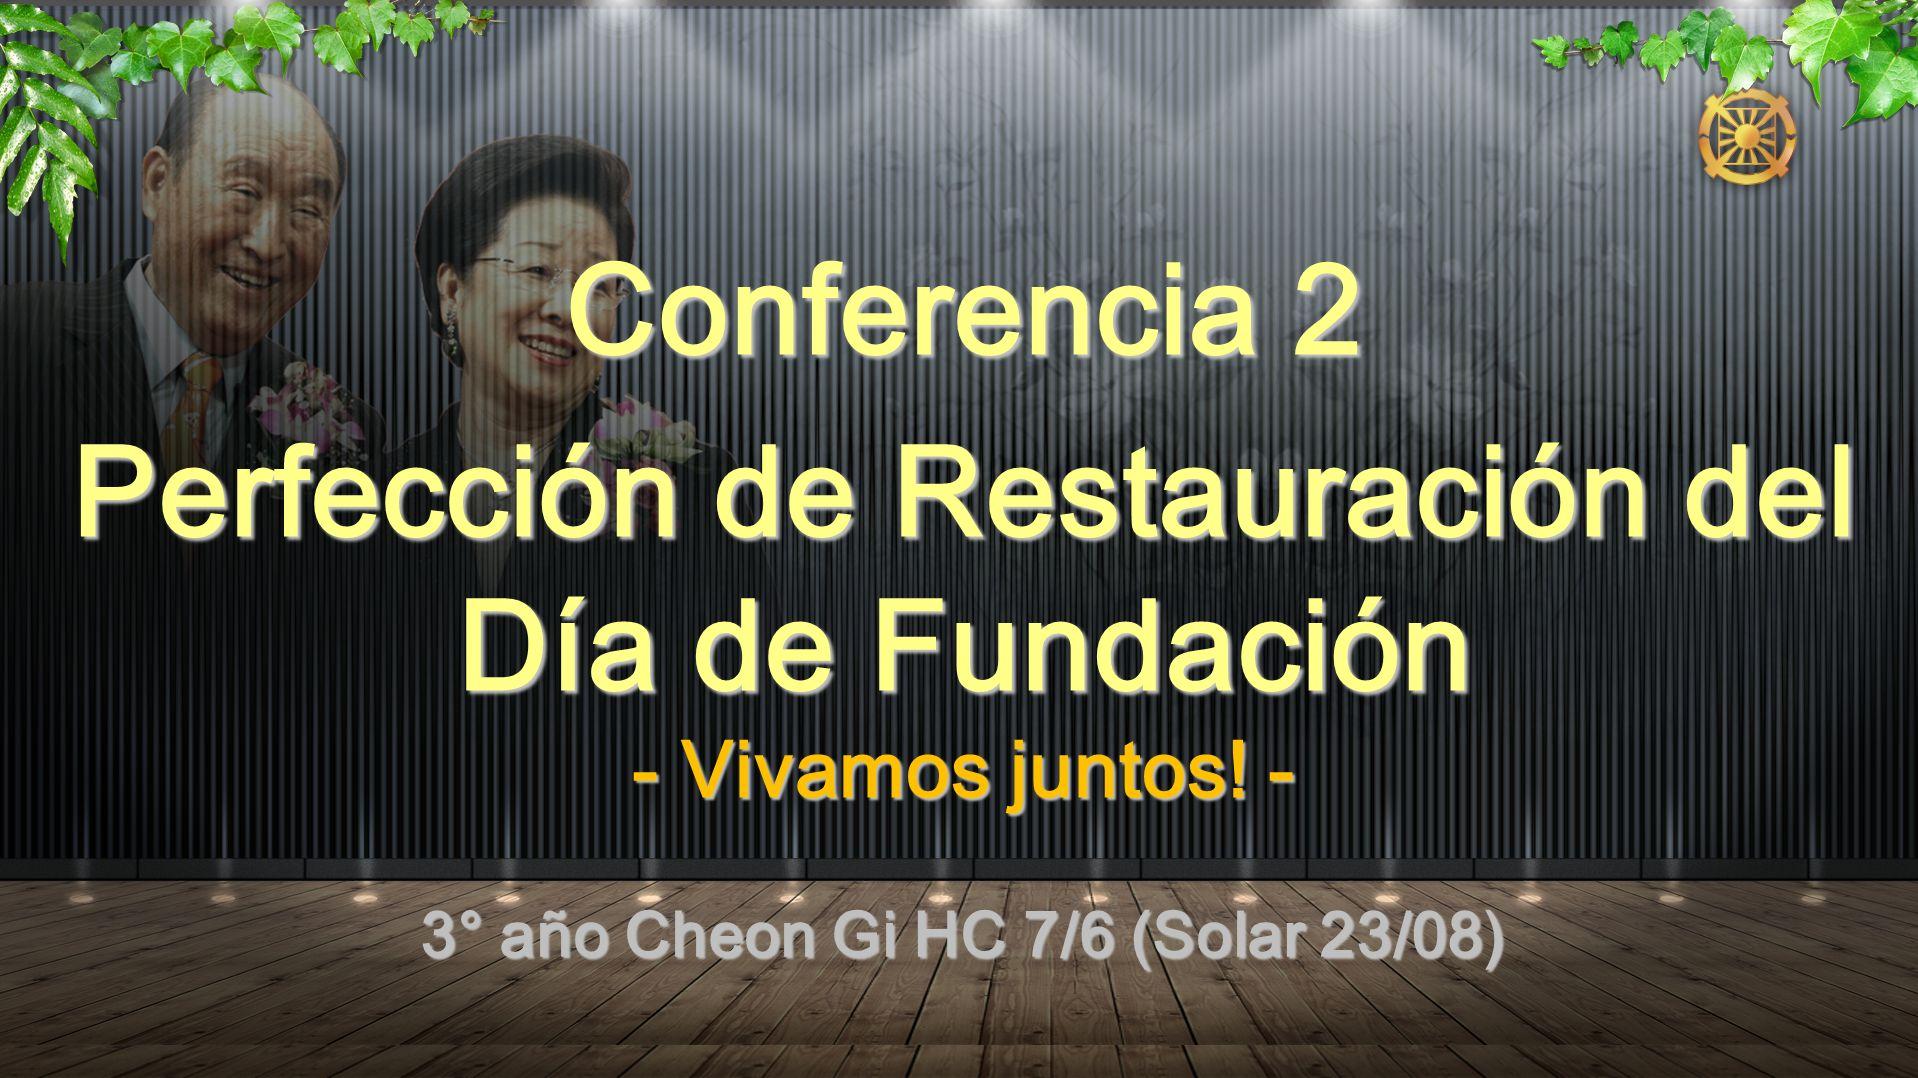 Conferencia 2 Perfección de Restauración del Día de Fundación